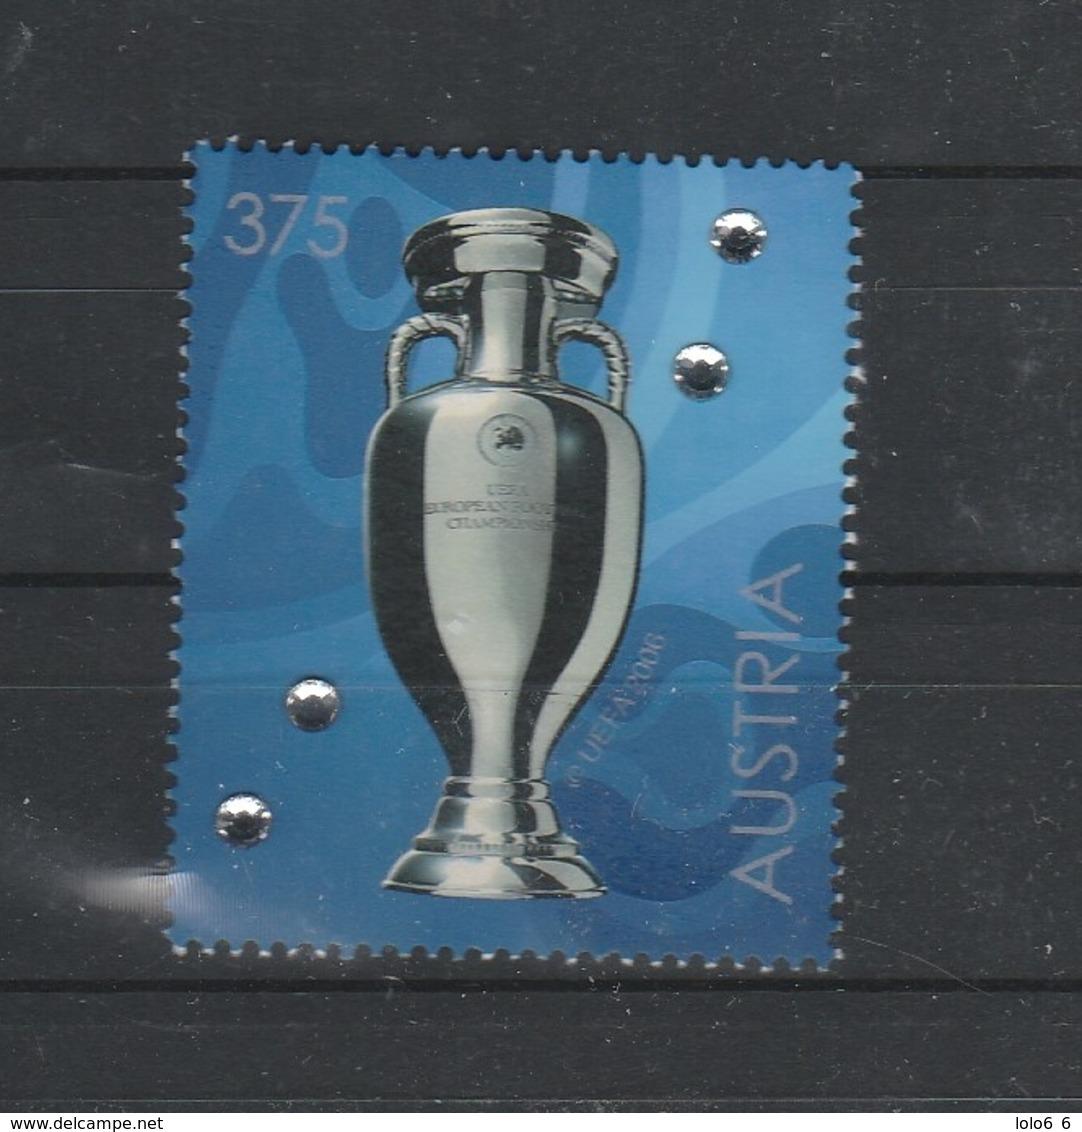 Ex Jahr 2008 - Mi. Nr. 2751  Postfrisch, Unter Postpreis - Auch Billige Frankaturware - Österreich